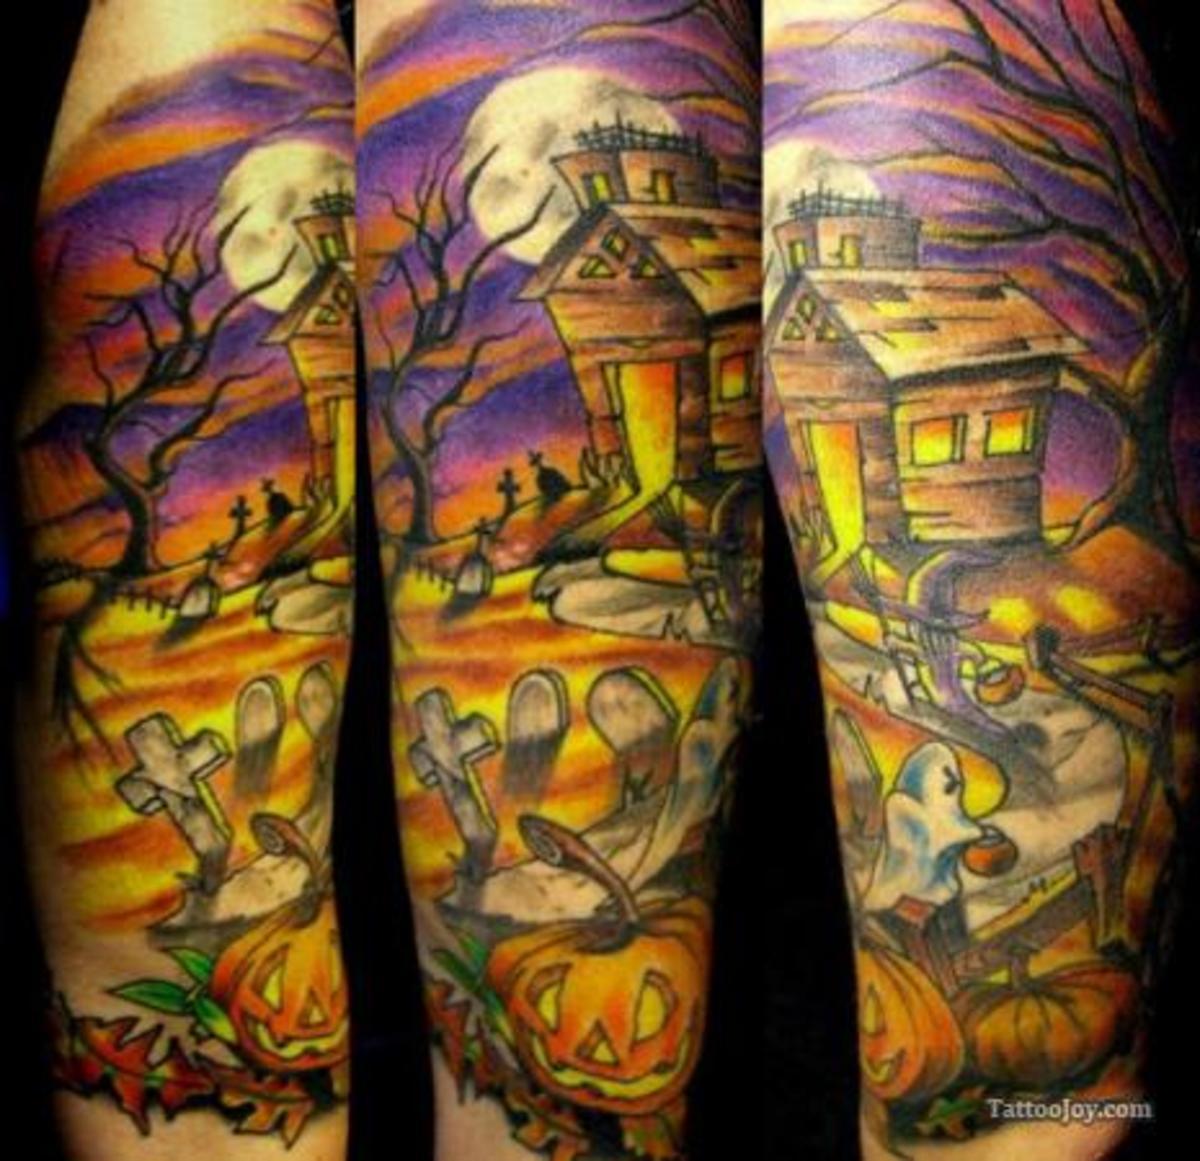 Halloween Tattoo Ideas: Seasonal Tattoo Designs & Ideas: Autumn